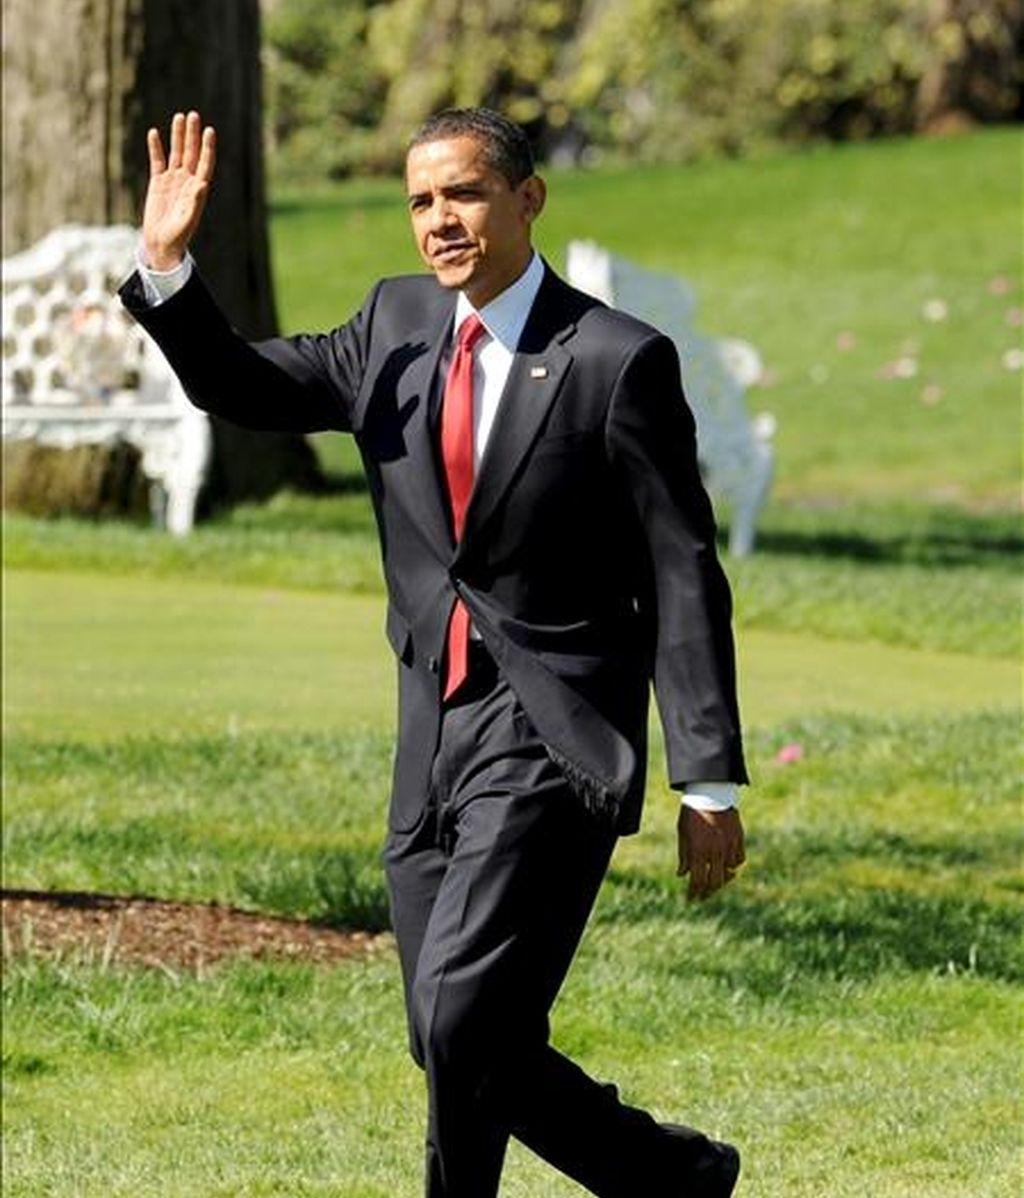 El presidente de Estados Unidos, Barack Obama, partió hoy de México con destino a Trinidad y Tobago, donde participará en la V Cumbre de las Américas, tras realizar una visita de trabajo de menos de un día en esta capital. EFE